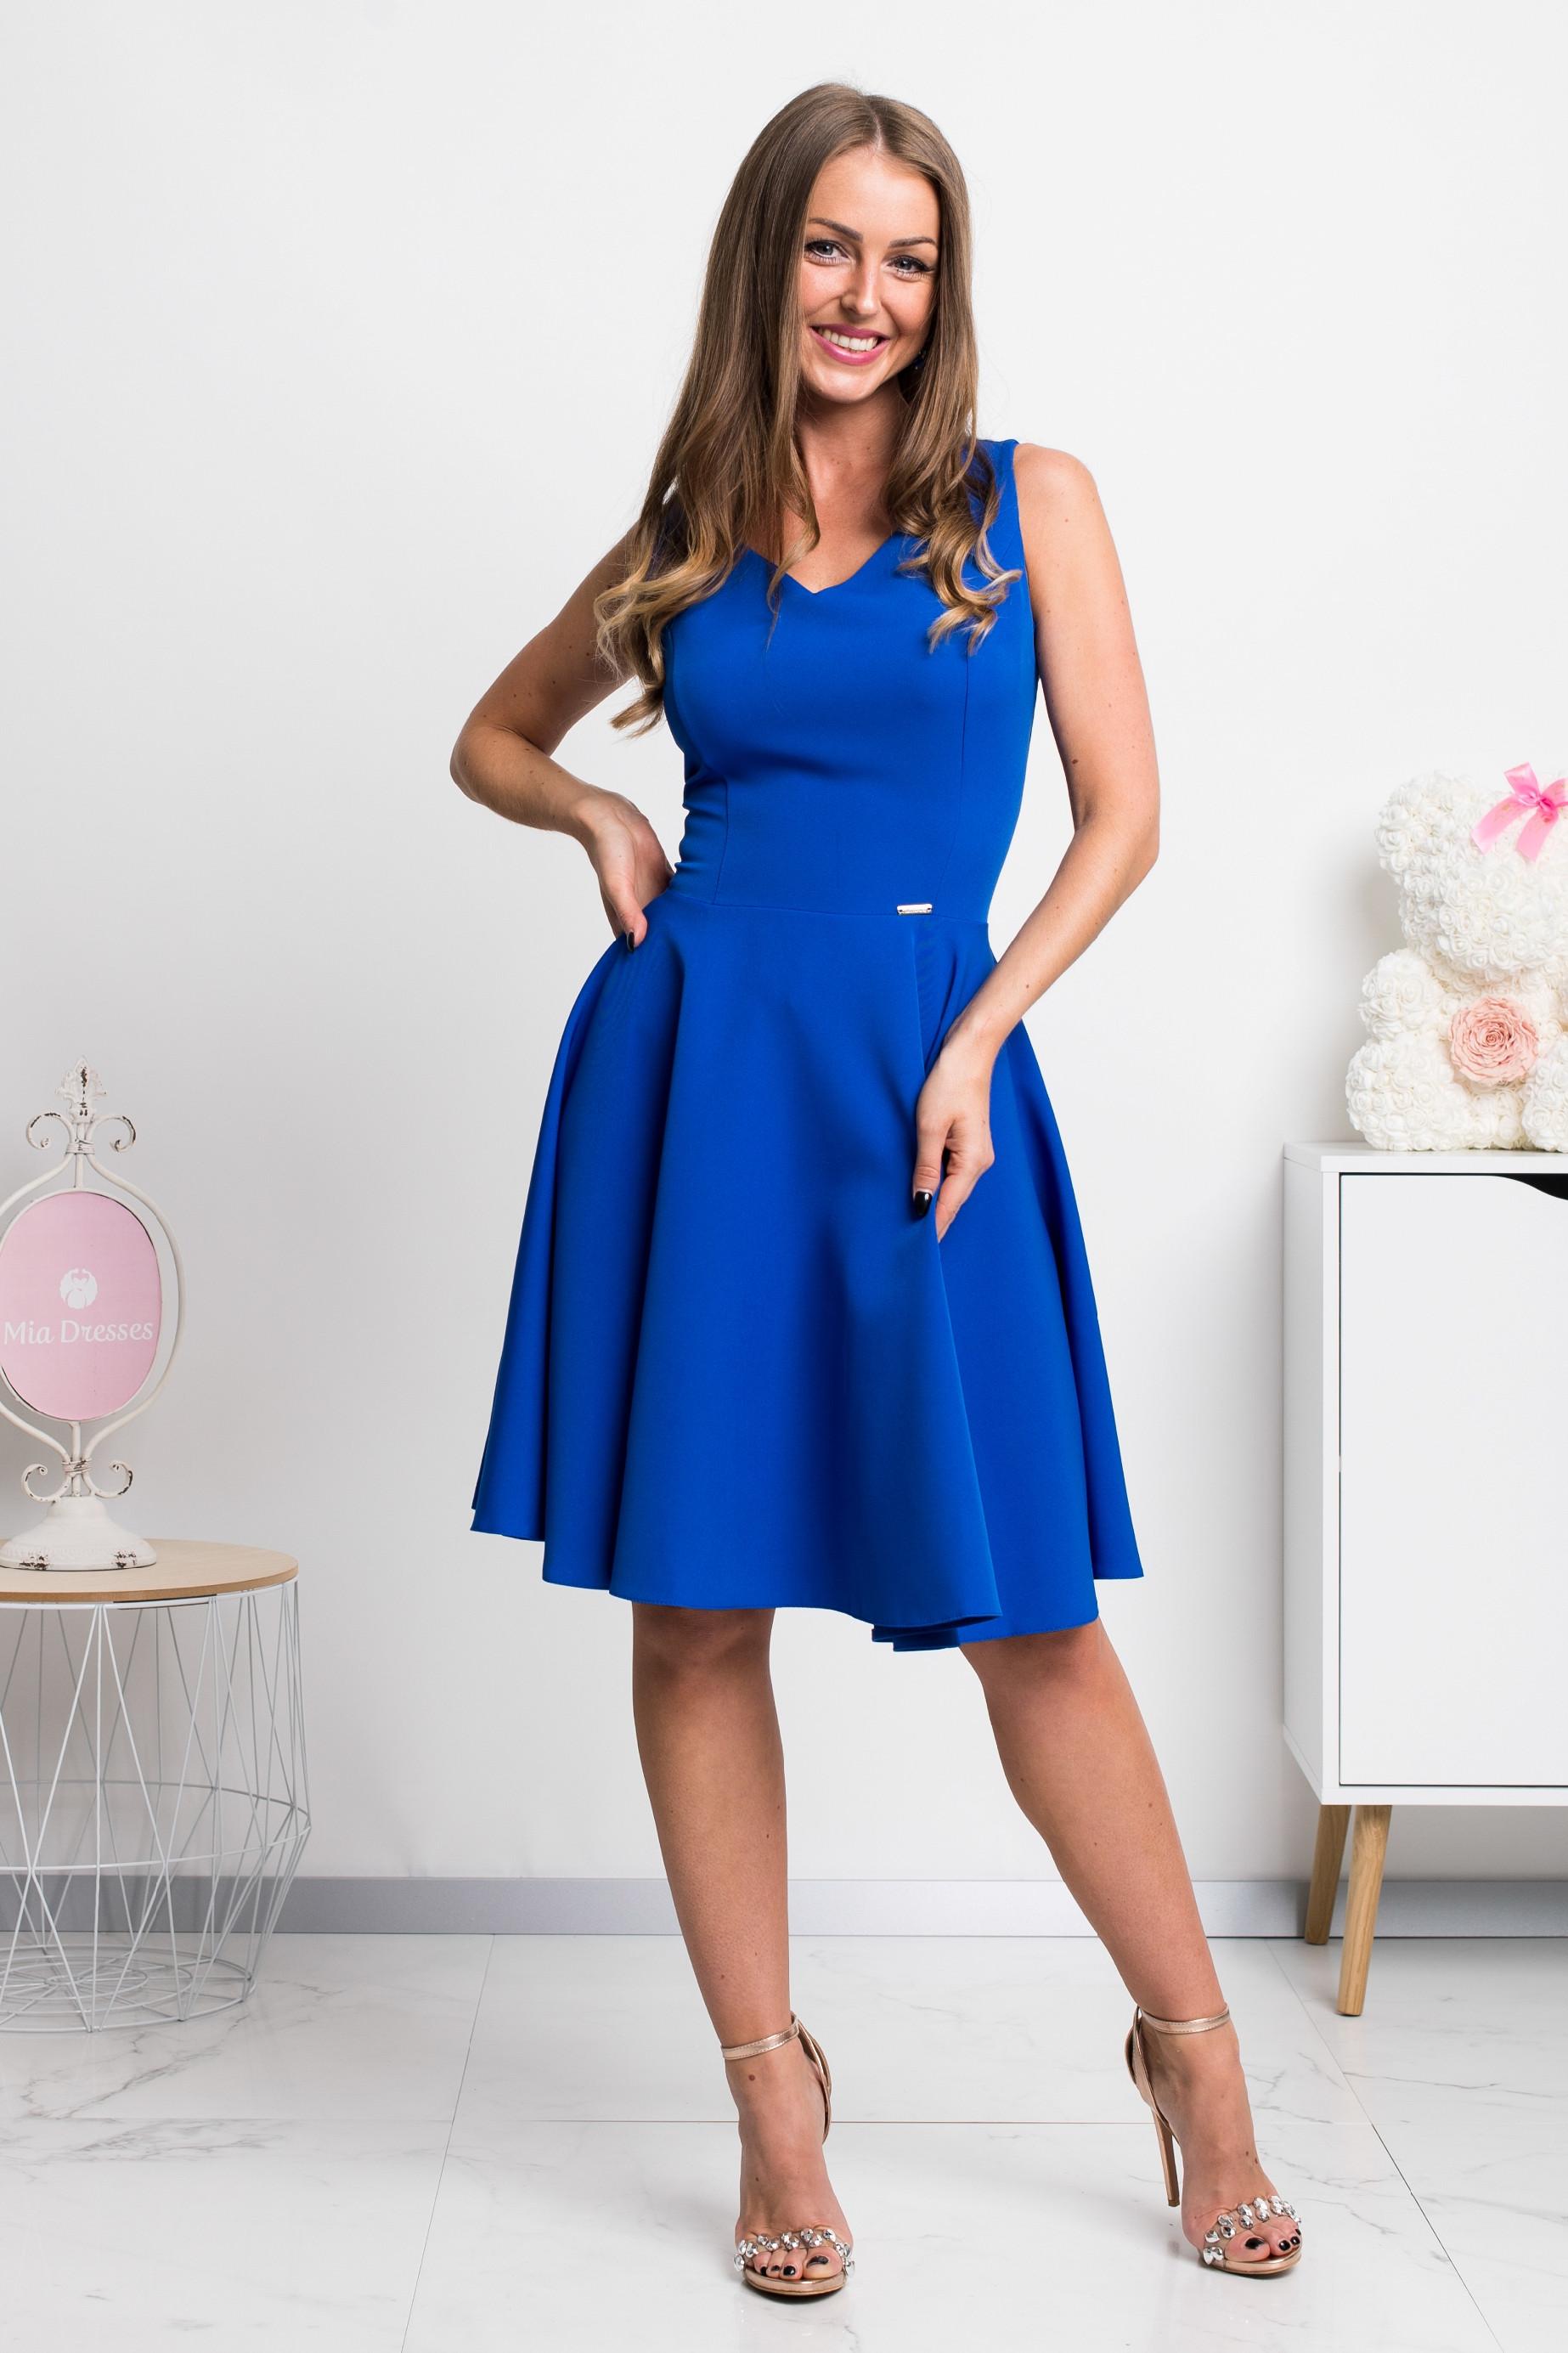 Modré krátke šaty s áčkovou sukňou Veľkosť: M